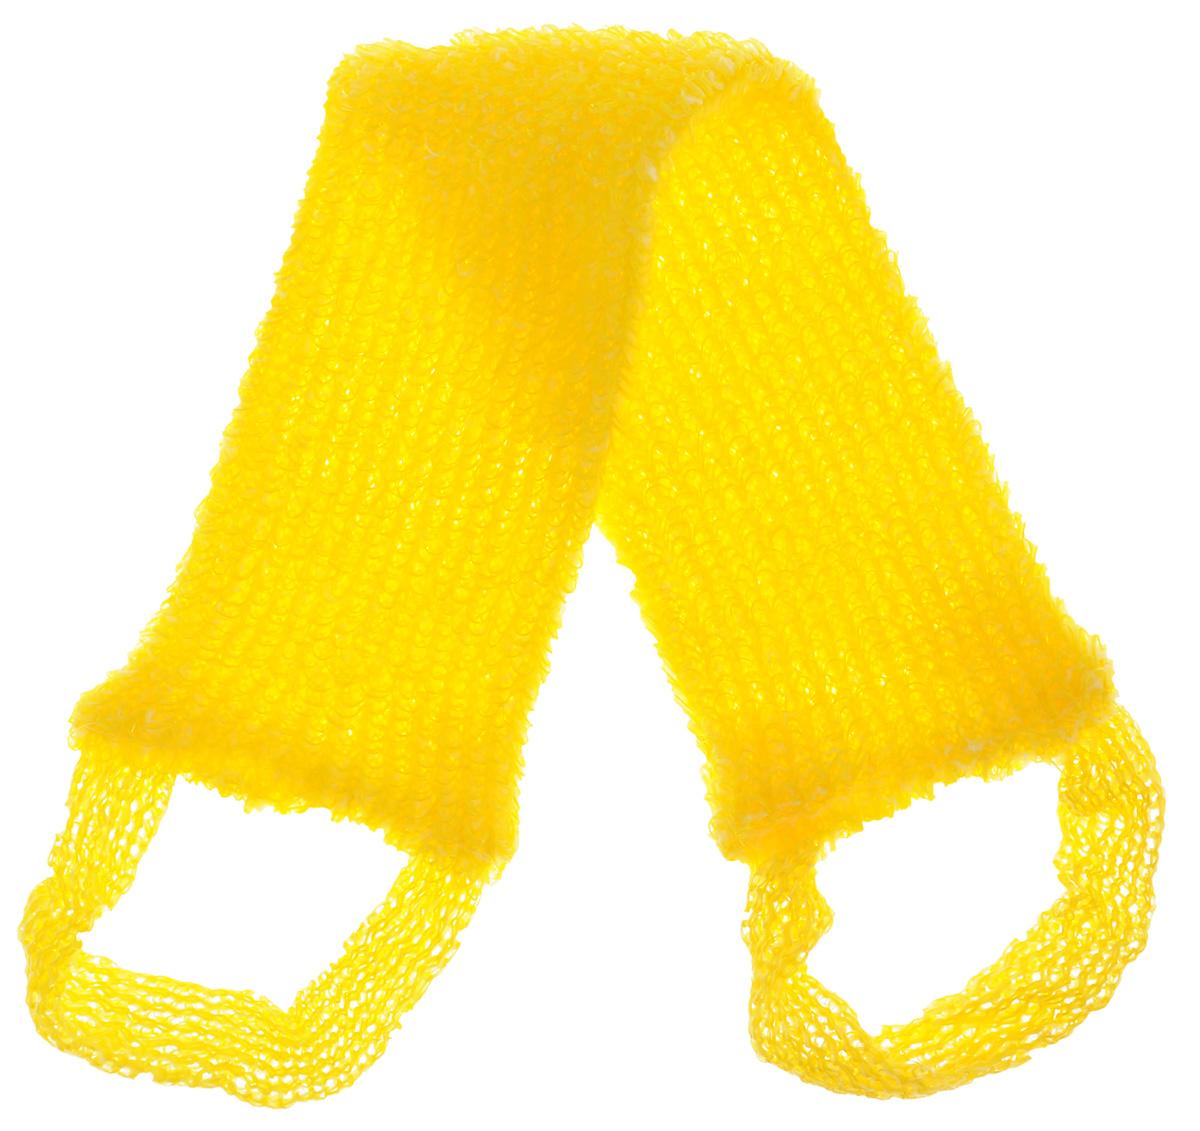 Мочалка вязаная Eva Букле, цвет: желтый, 47 х 10 смМ39_желтыйВязаная синтетическая мочалка Eva Букле, изготовленная из полипропилена, отлично очищает кожу и создает обильную пену. Она быстро сохнет, не требует ухода, существенно экономит моющее средство и имеет длительный срок службы. Размер мочалки (без учета ручек): 47 х 10 х 1 см. Длина мочалки (с учетом ручек): 64 см.